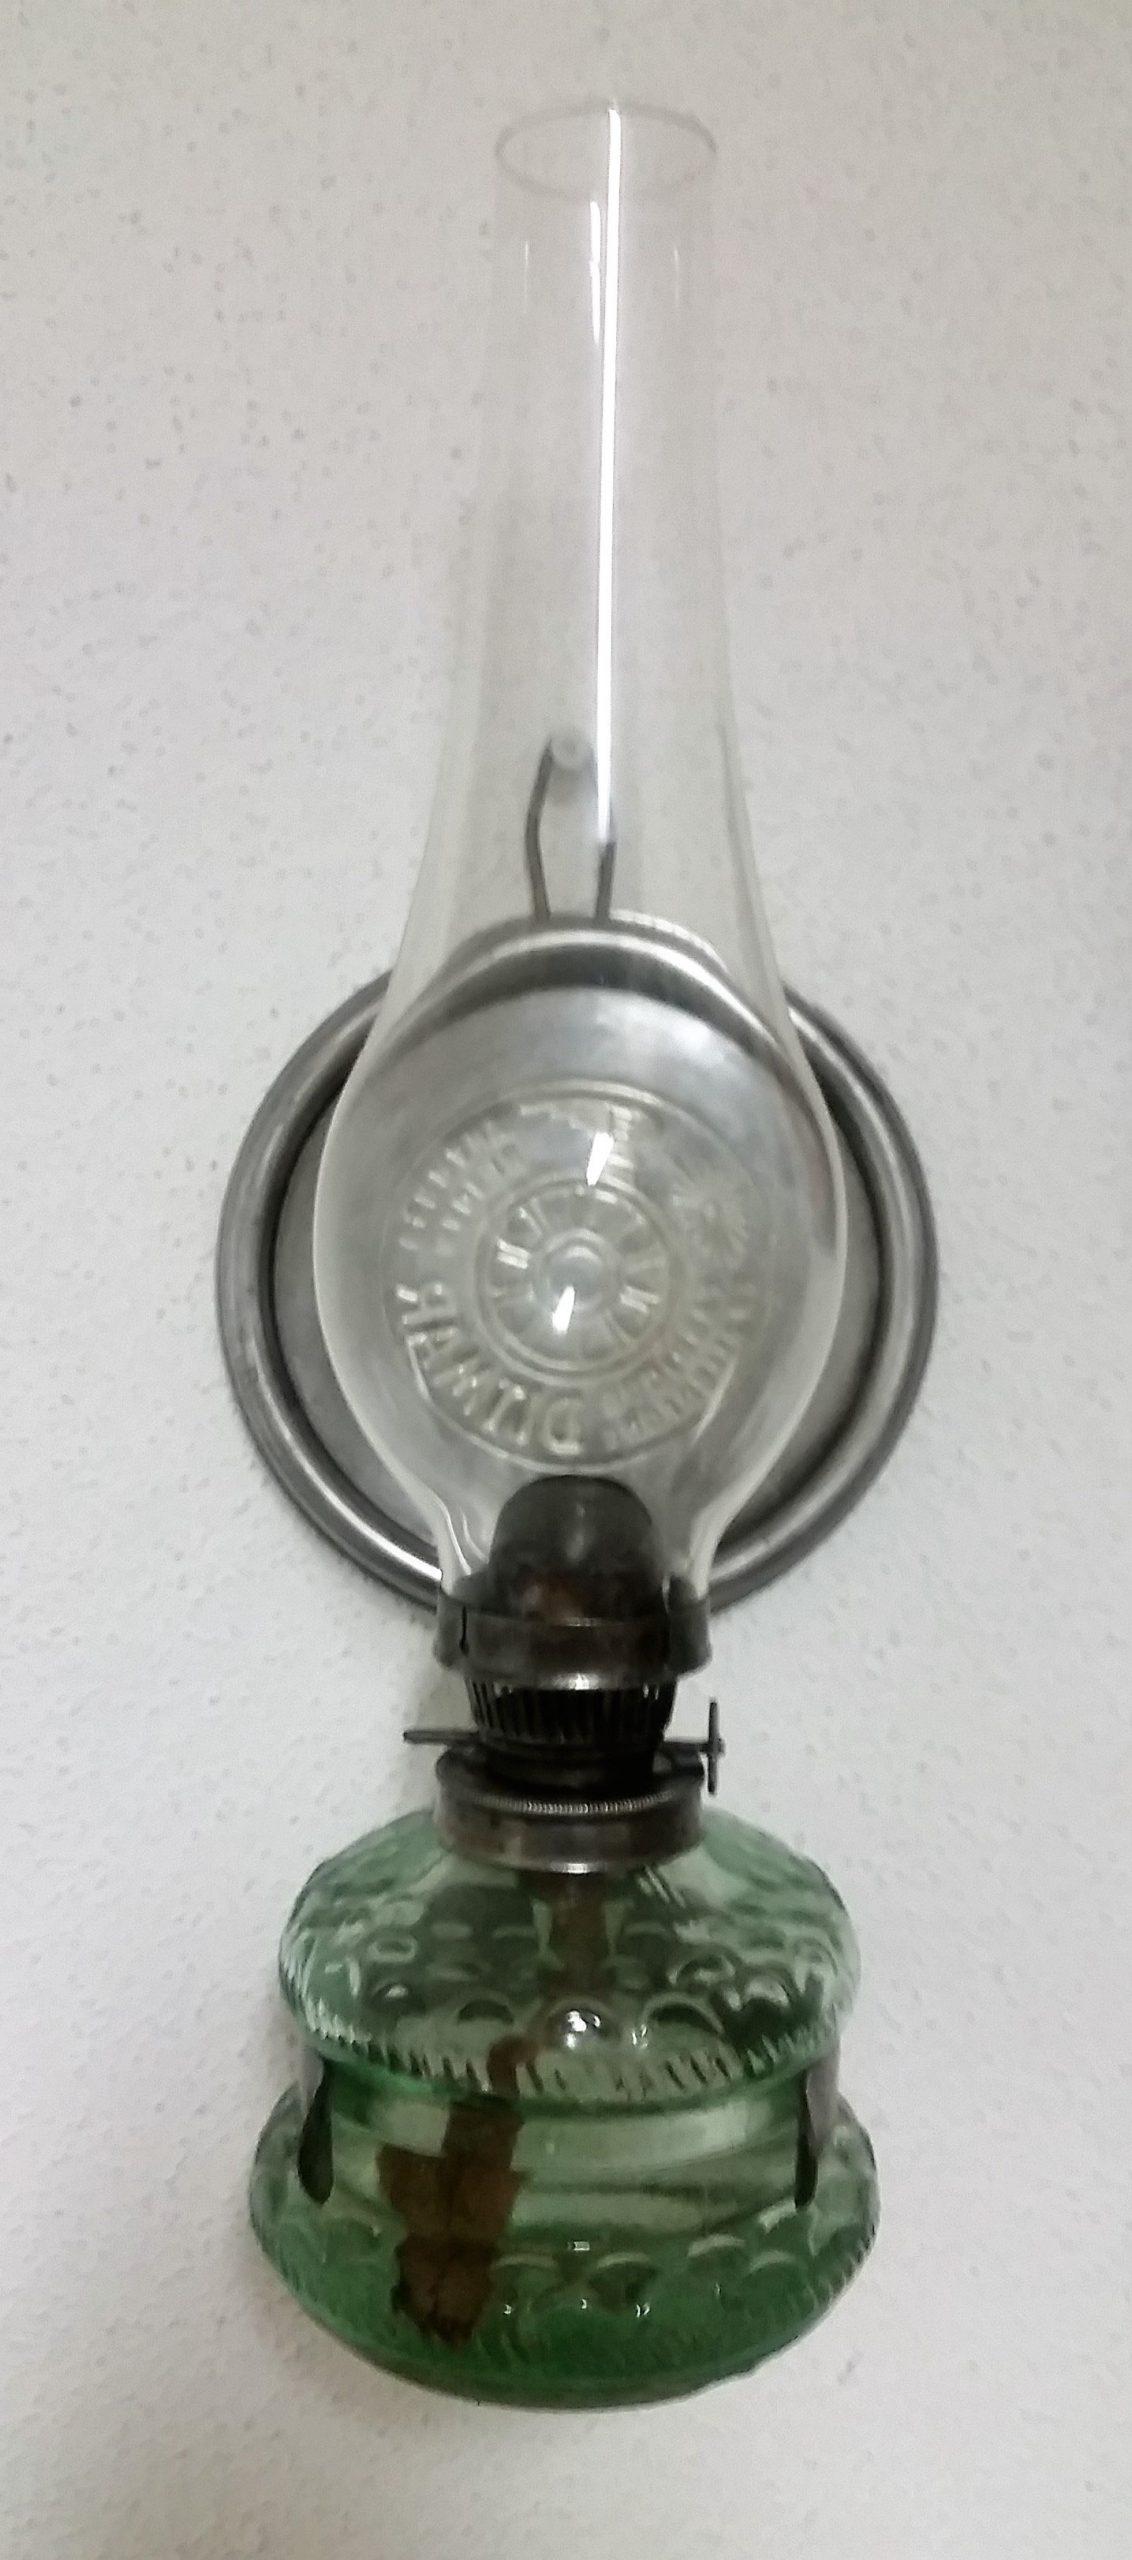 Full Size of Küchenlampen Kchenlampen Sturmlaternen Wohnzimmer Küchenlampen